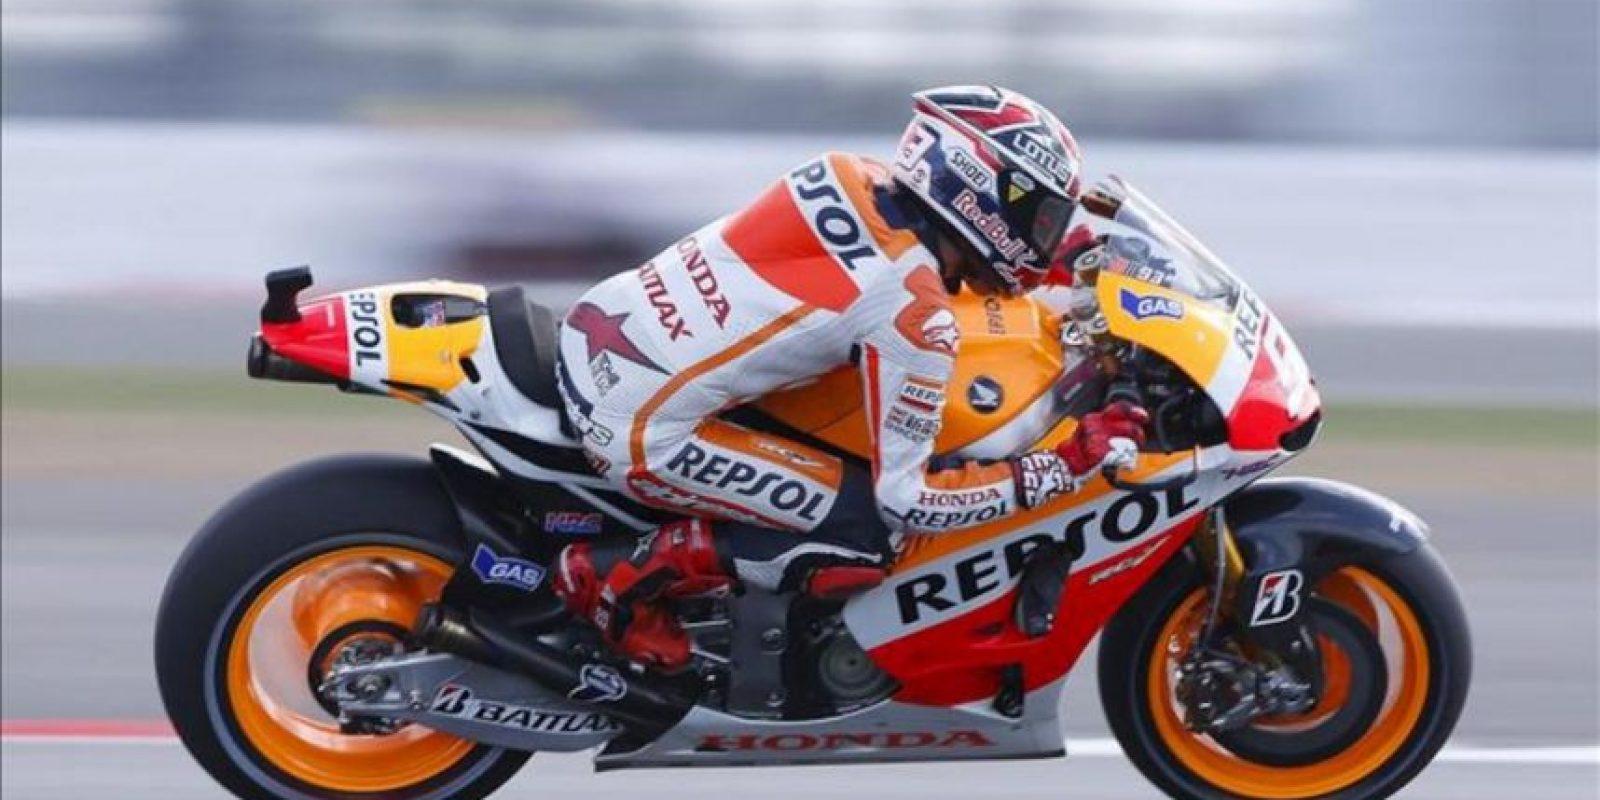 El piloto español de MotoGP, Marc Márquez (Repsol-Honda) durante los entrenamientos libres. EFE